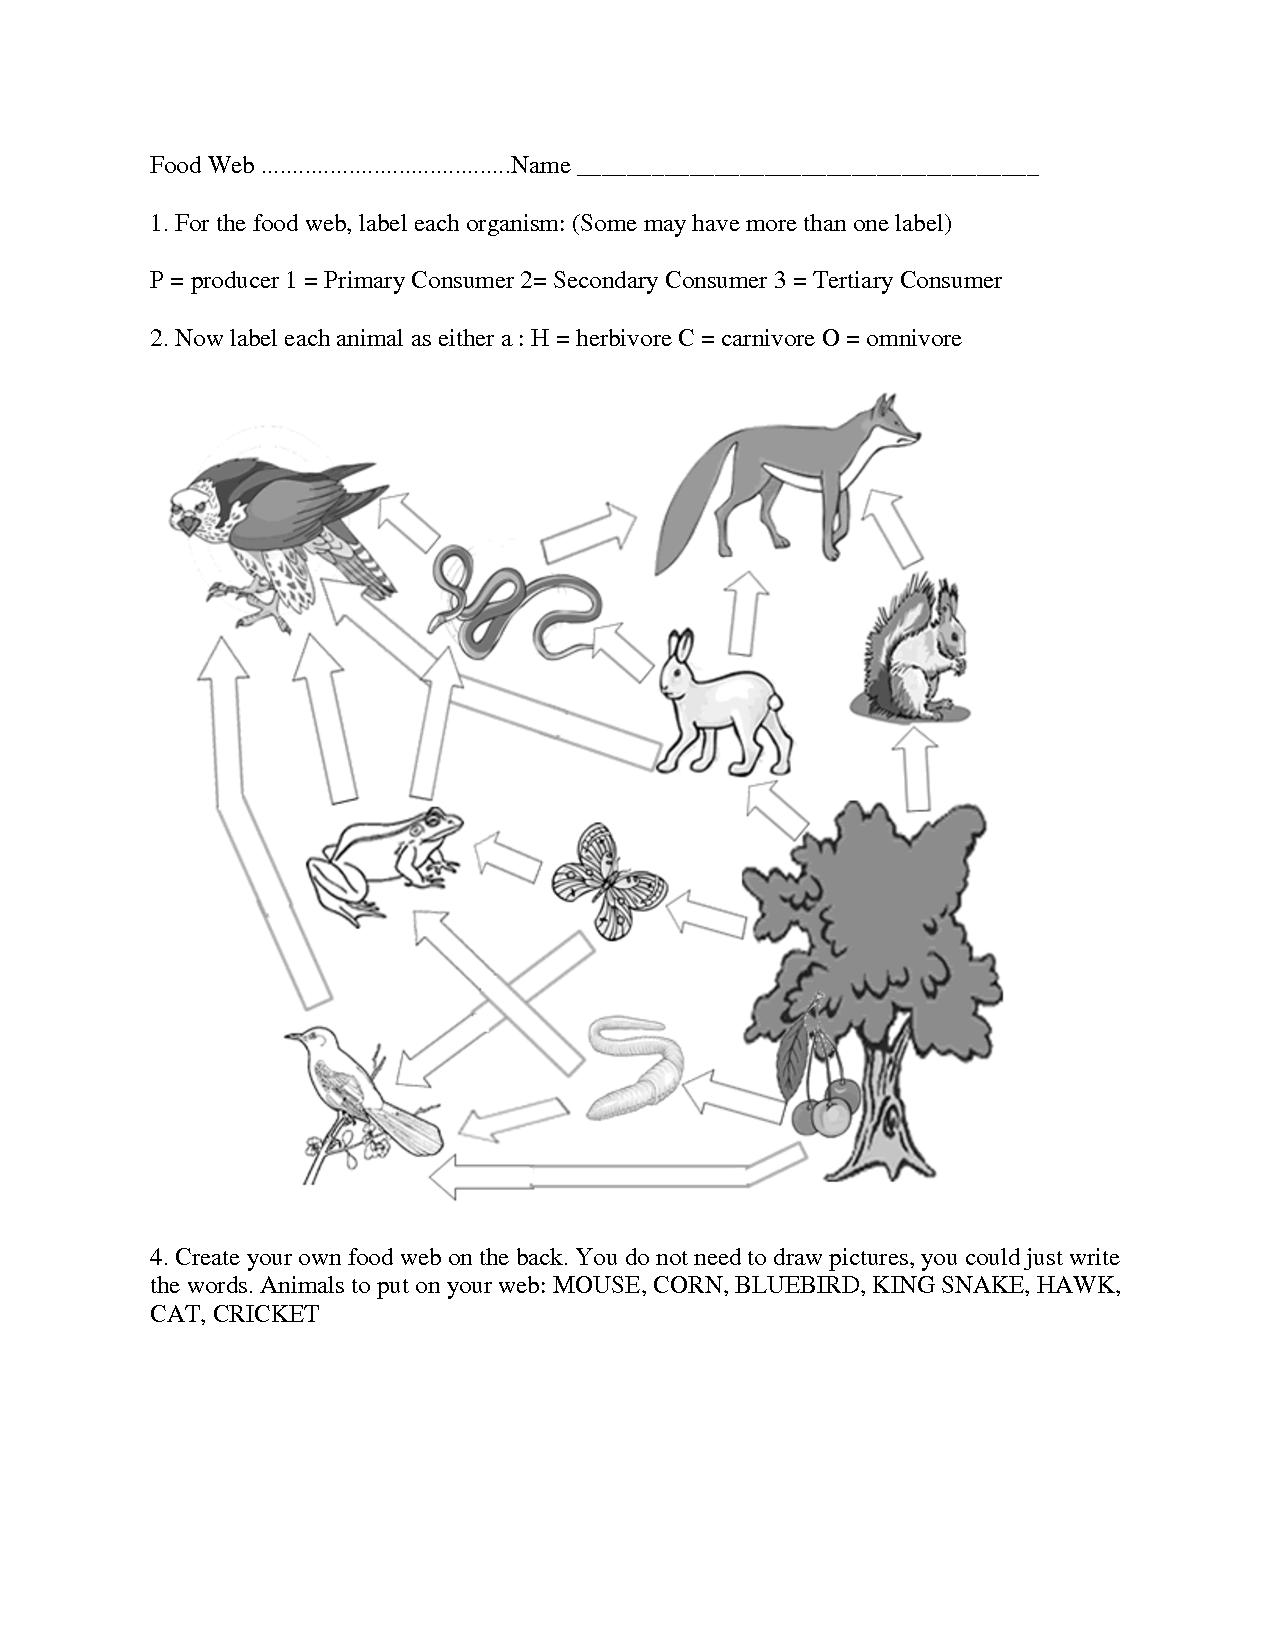 Food Web Worksheet Middle School